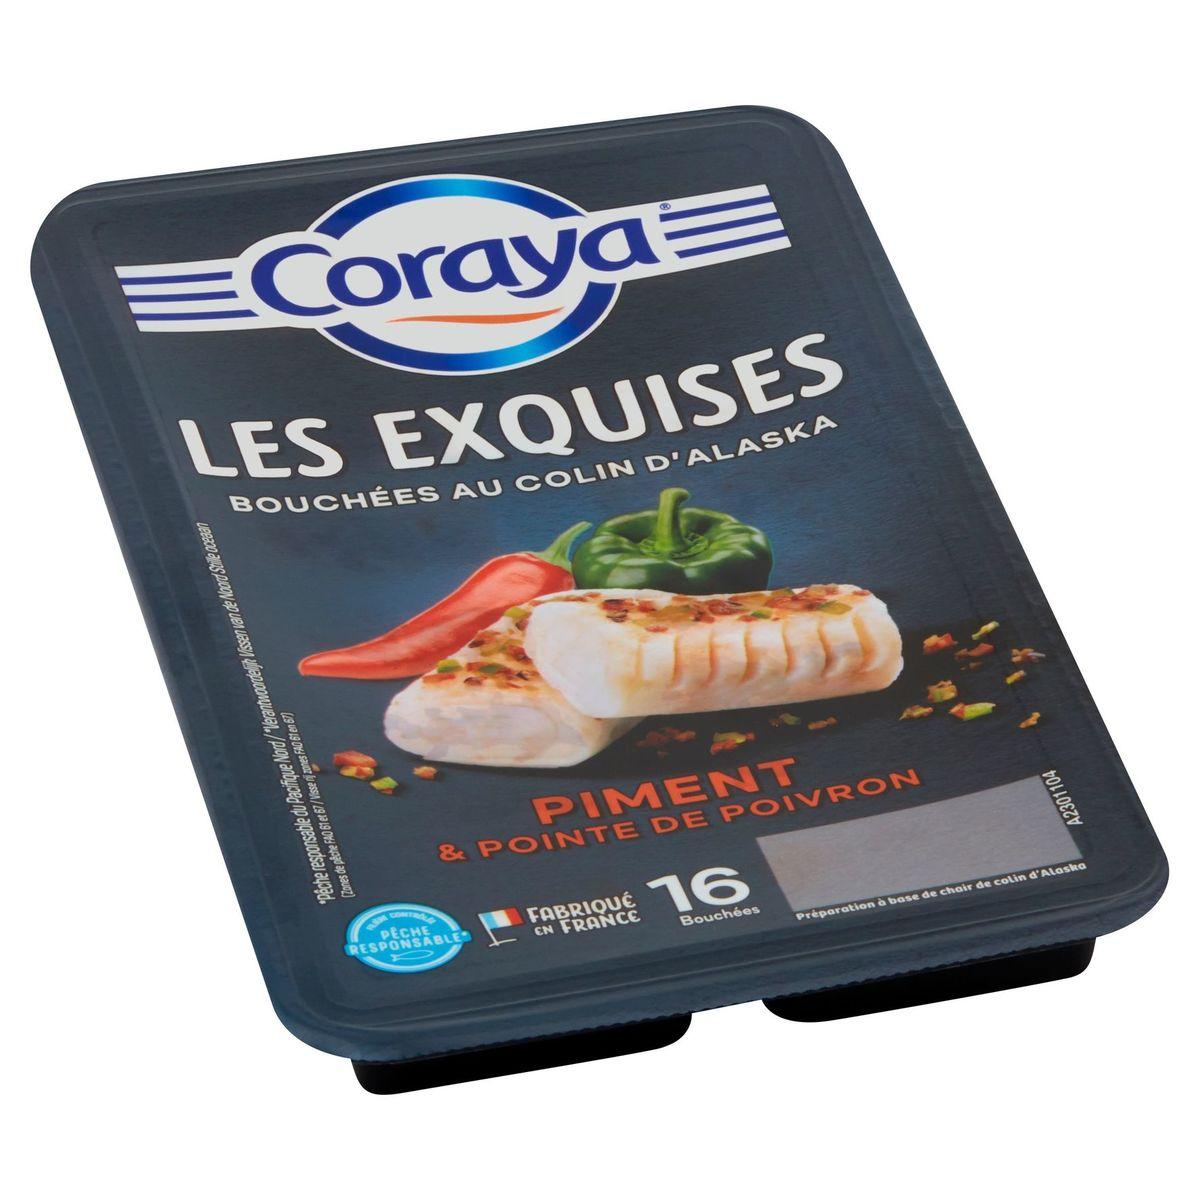 Coraya Les Exquises Bouchées au Colin d'Alaska 16 Pièces 172 g